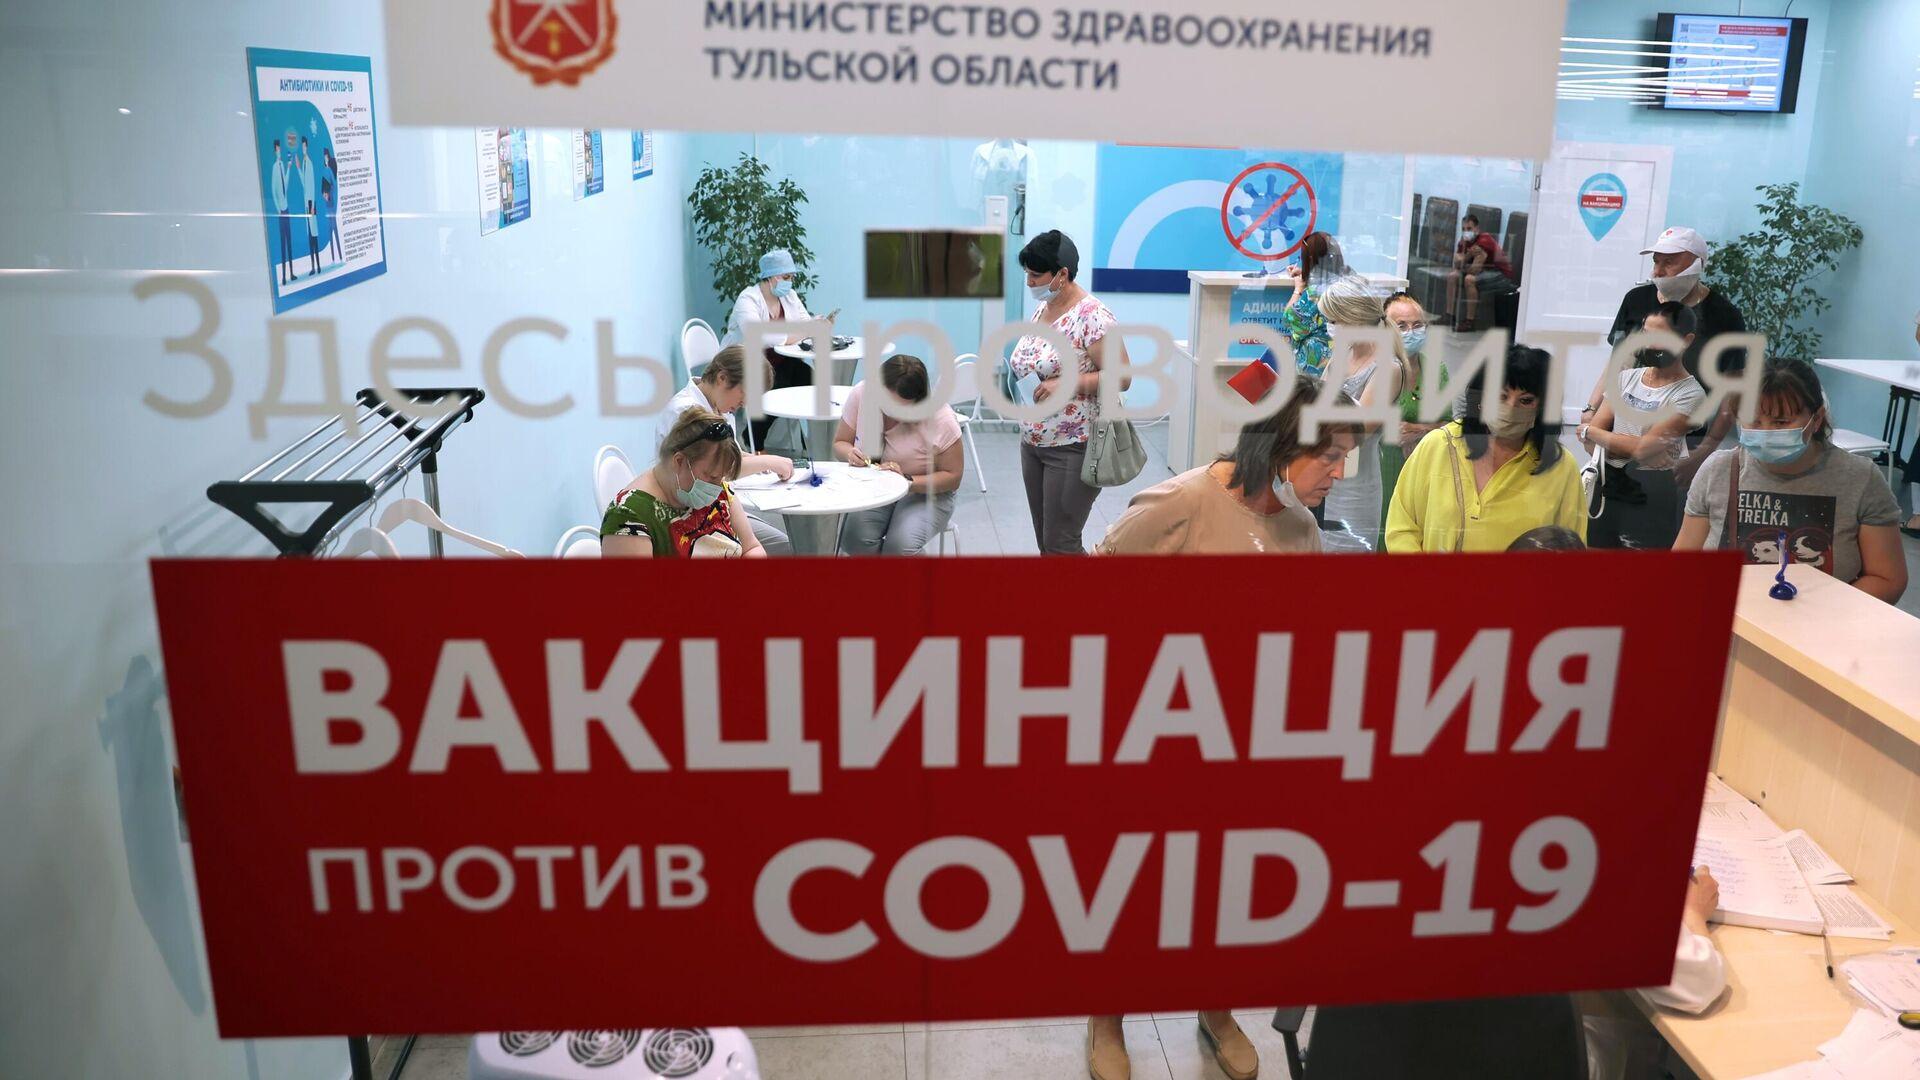 Люди в пункте вакцинации против COVID-19 в торговом центре Гостиный двор в Туле - РИА Новости, 1920, 24.06.2021